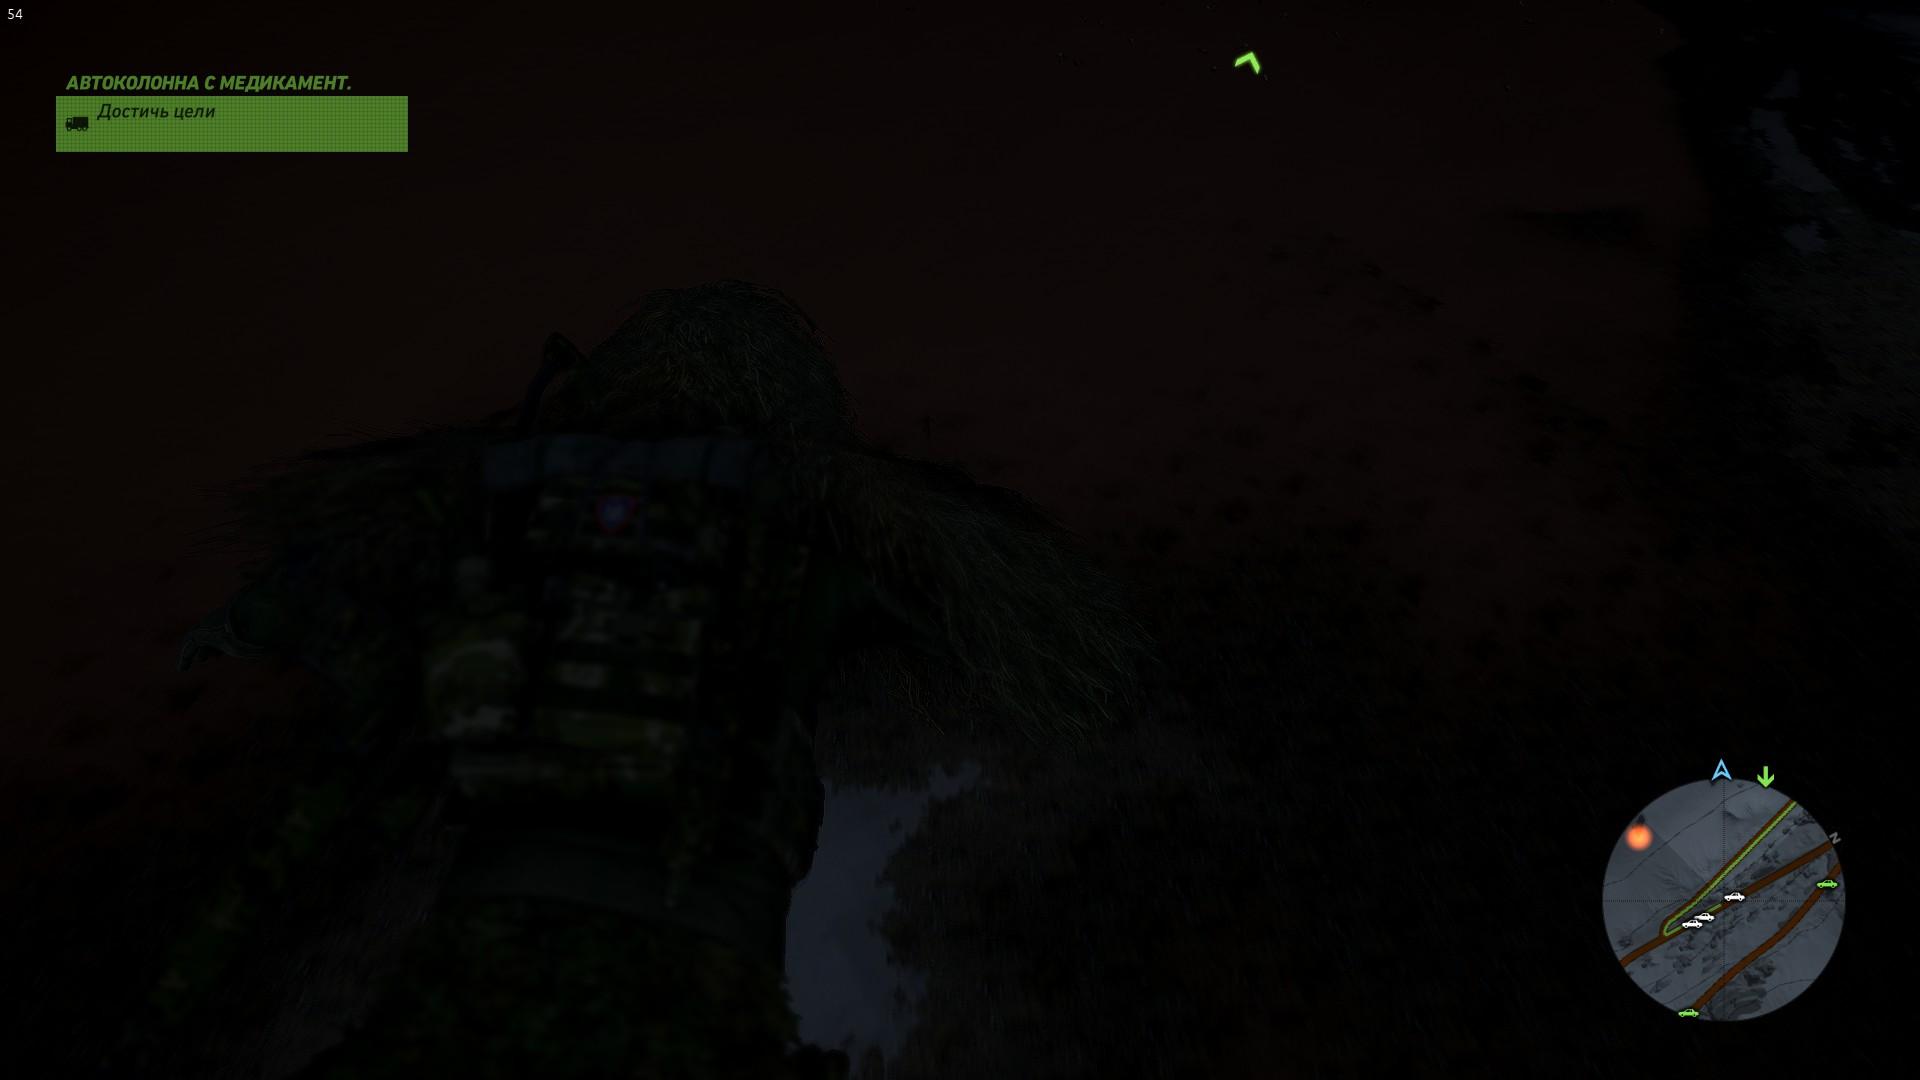 Упал с мотоцикла пролетел аж почти 500 метров упал и выжил в воде)) - Tom Clancy's Ghost Recon: Wildlands